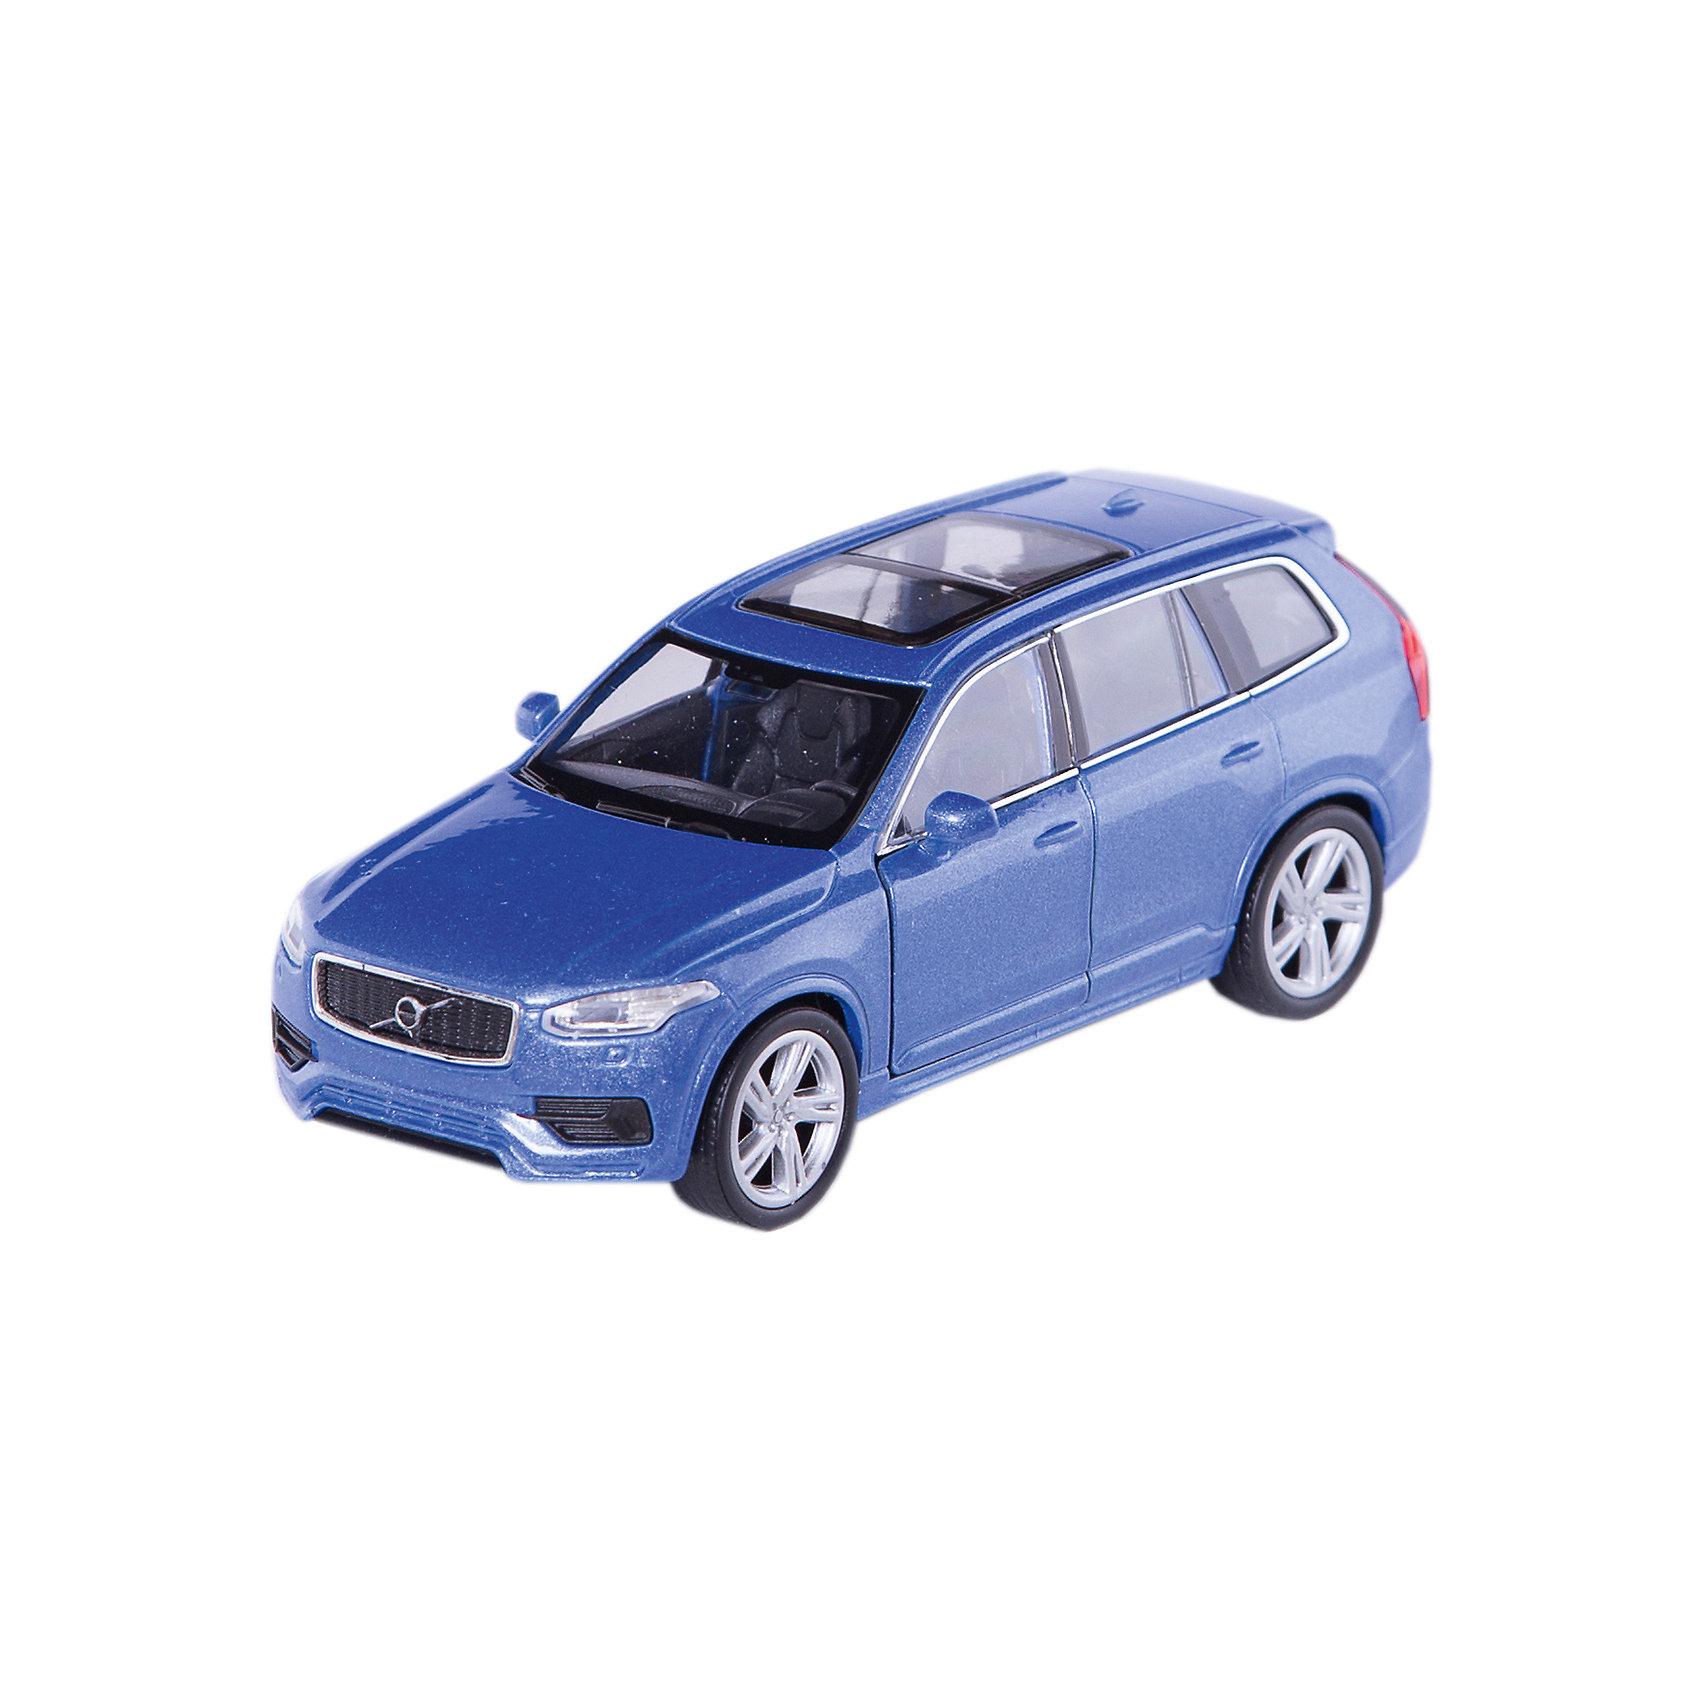 Модель машины 1:34-39 Volvo XC90, WellyКоллекционные модели<br>Коллекционная модель автомобиля Volvo XC90. Машинка спроектирована в масштабе 1:34-39. Она обладает инерционным механизмом колес. Модель очень реалистична и выполнена из металла с некоторыми элементами, сделанными из пластика. Передние дверцы автомобиля открываются. Все мелкие детали очень точно исполнены и аккуратно окрашены. Корпус игрушки крепкий и надежный.  Цвет кузова автомобиля представлен в ассортименте. Выбрать определенный цвет заранее не представляется возможным.<br><br>Ширина мм: 60<br>Глубина мм: 110<br>Высота мм: 150<br>Вес г: 160<br>Возраст от месяцев: 36<br>Возраст до месяцев: 192<br>Пол: Мужской<br>Возраст: Детский<br>SKU: 4966544